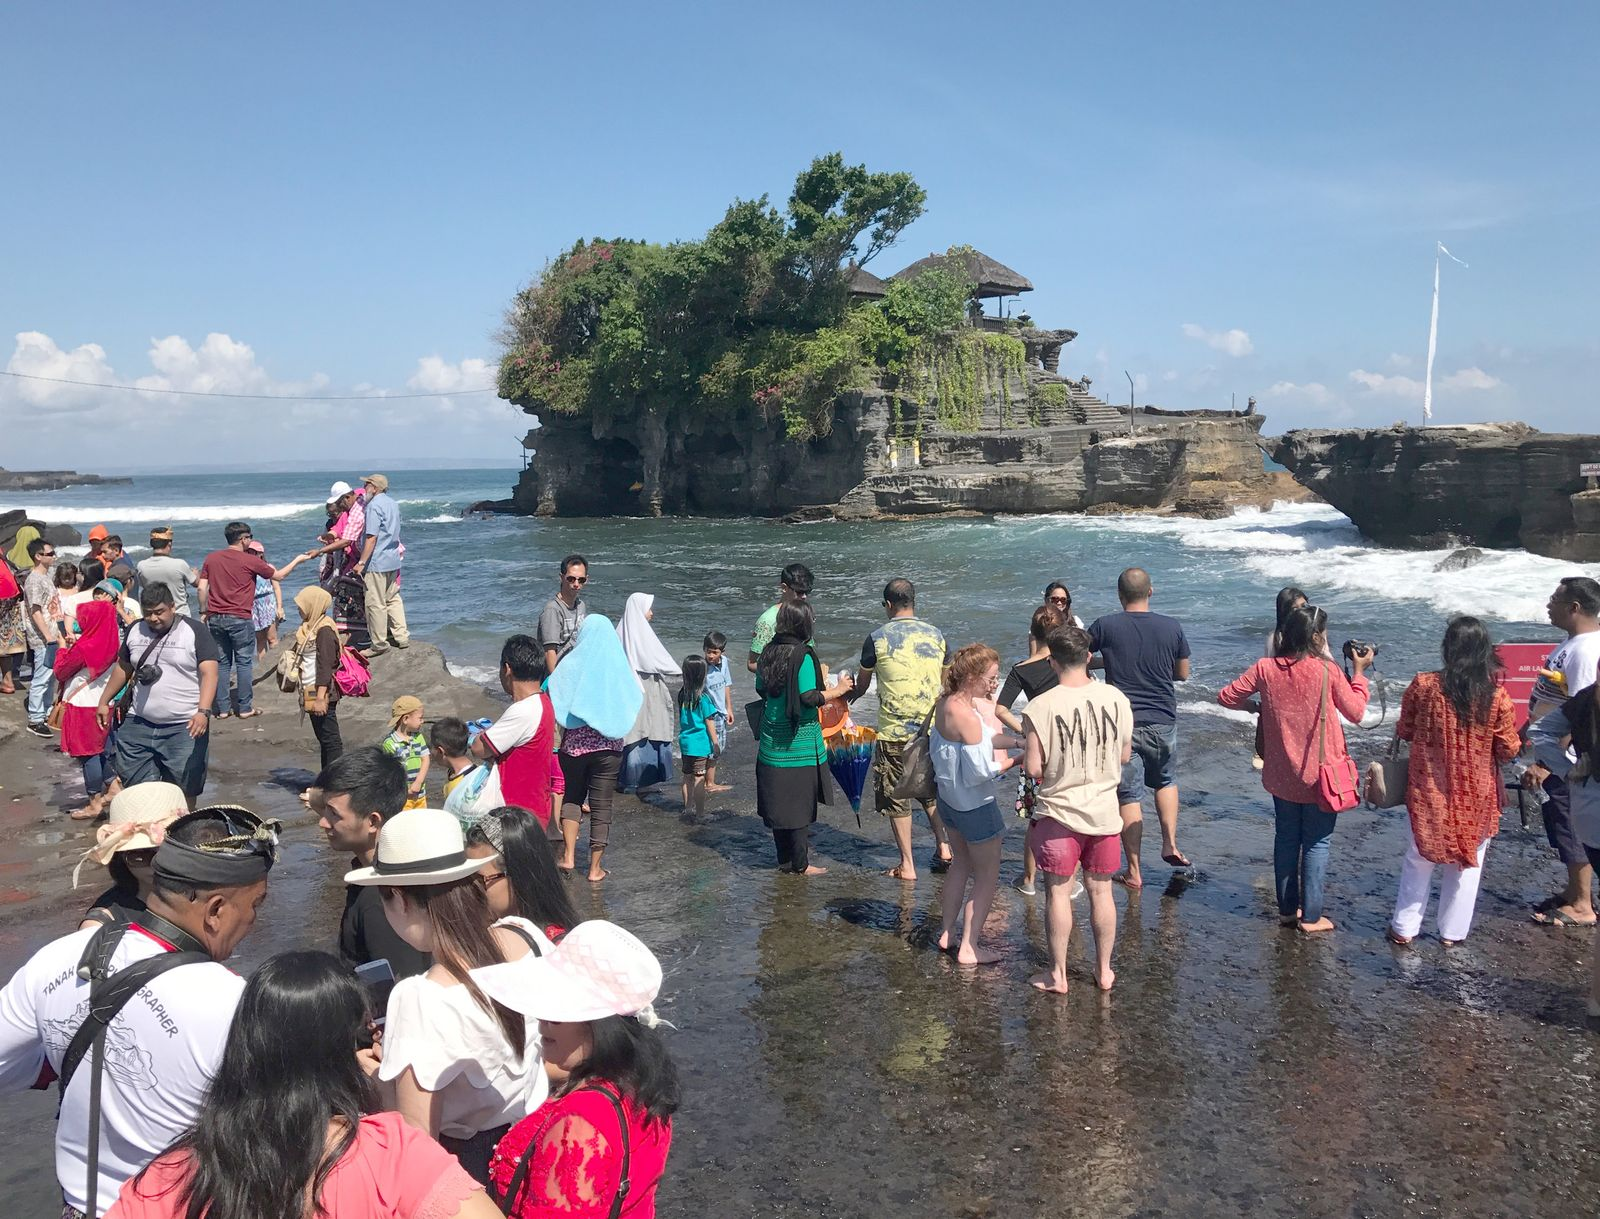 Bali - Vom Massentourismus zur großen Leere